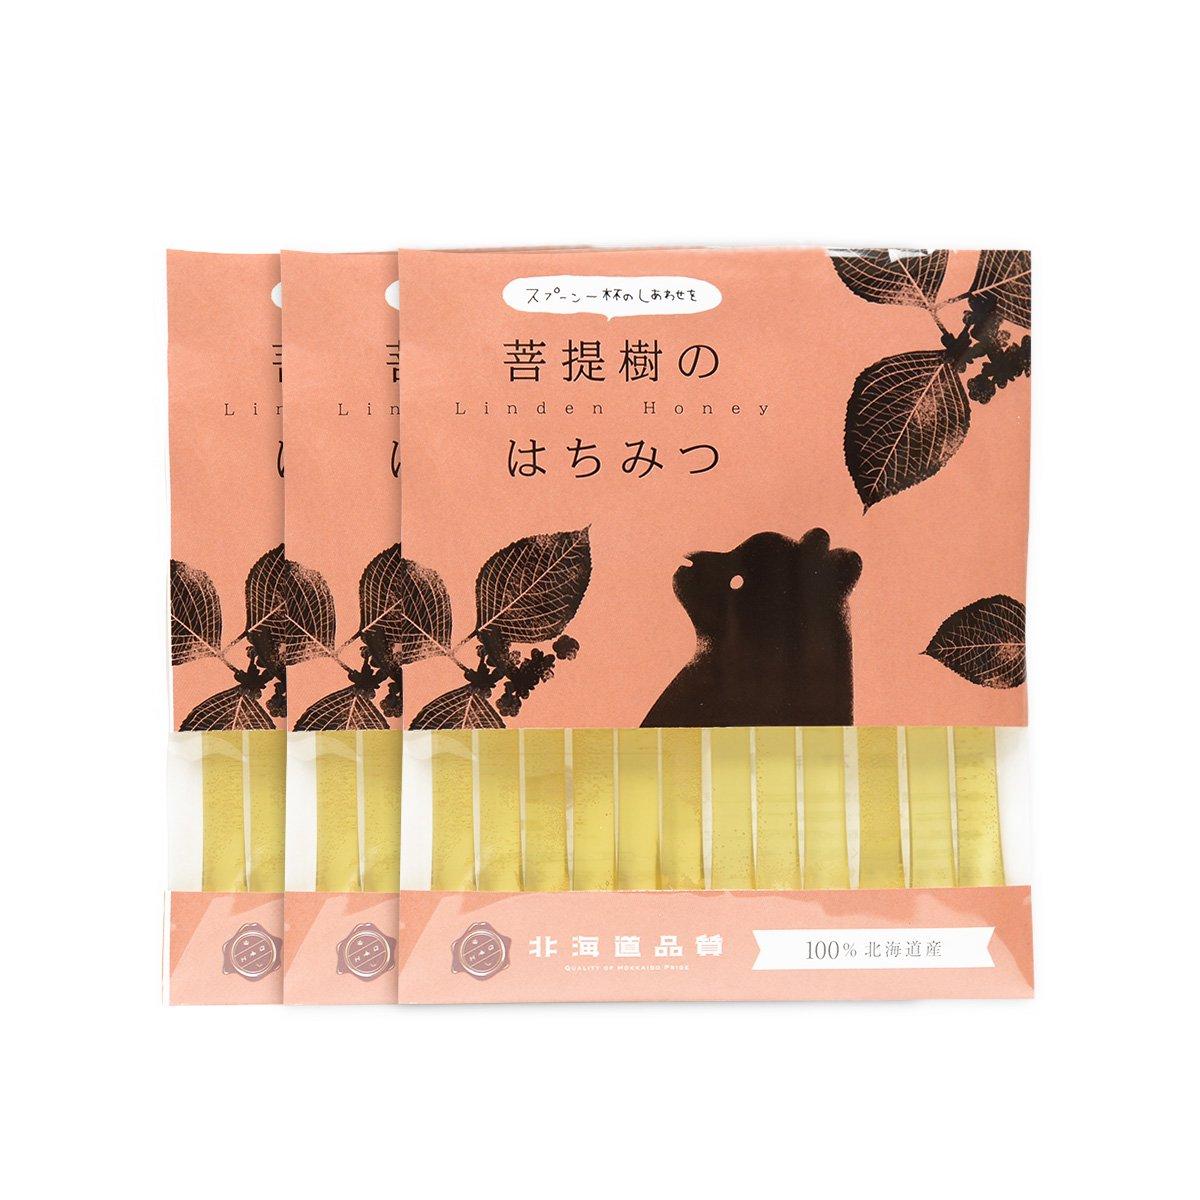 北海道産 はちみつストロー 菩提樹 2.5g×12本入り×3セット